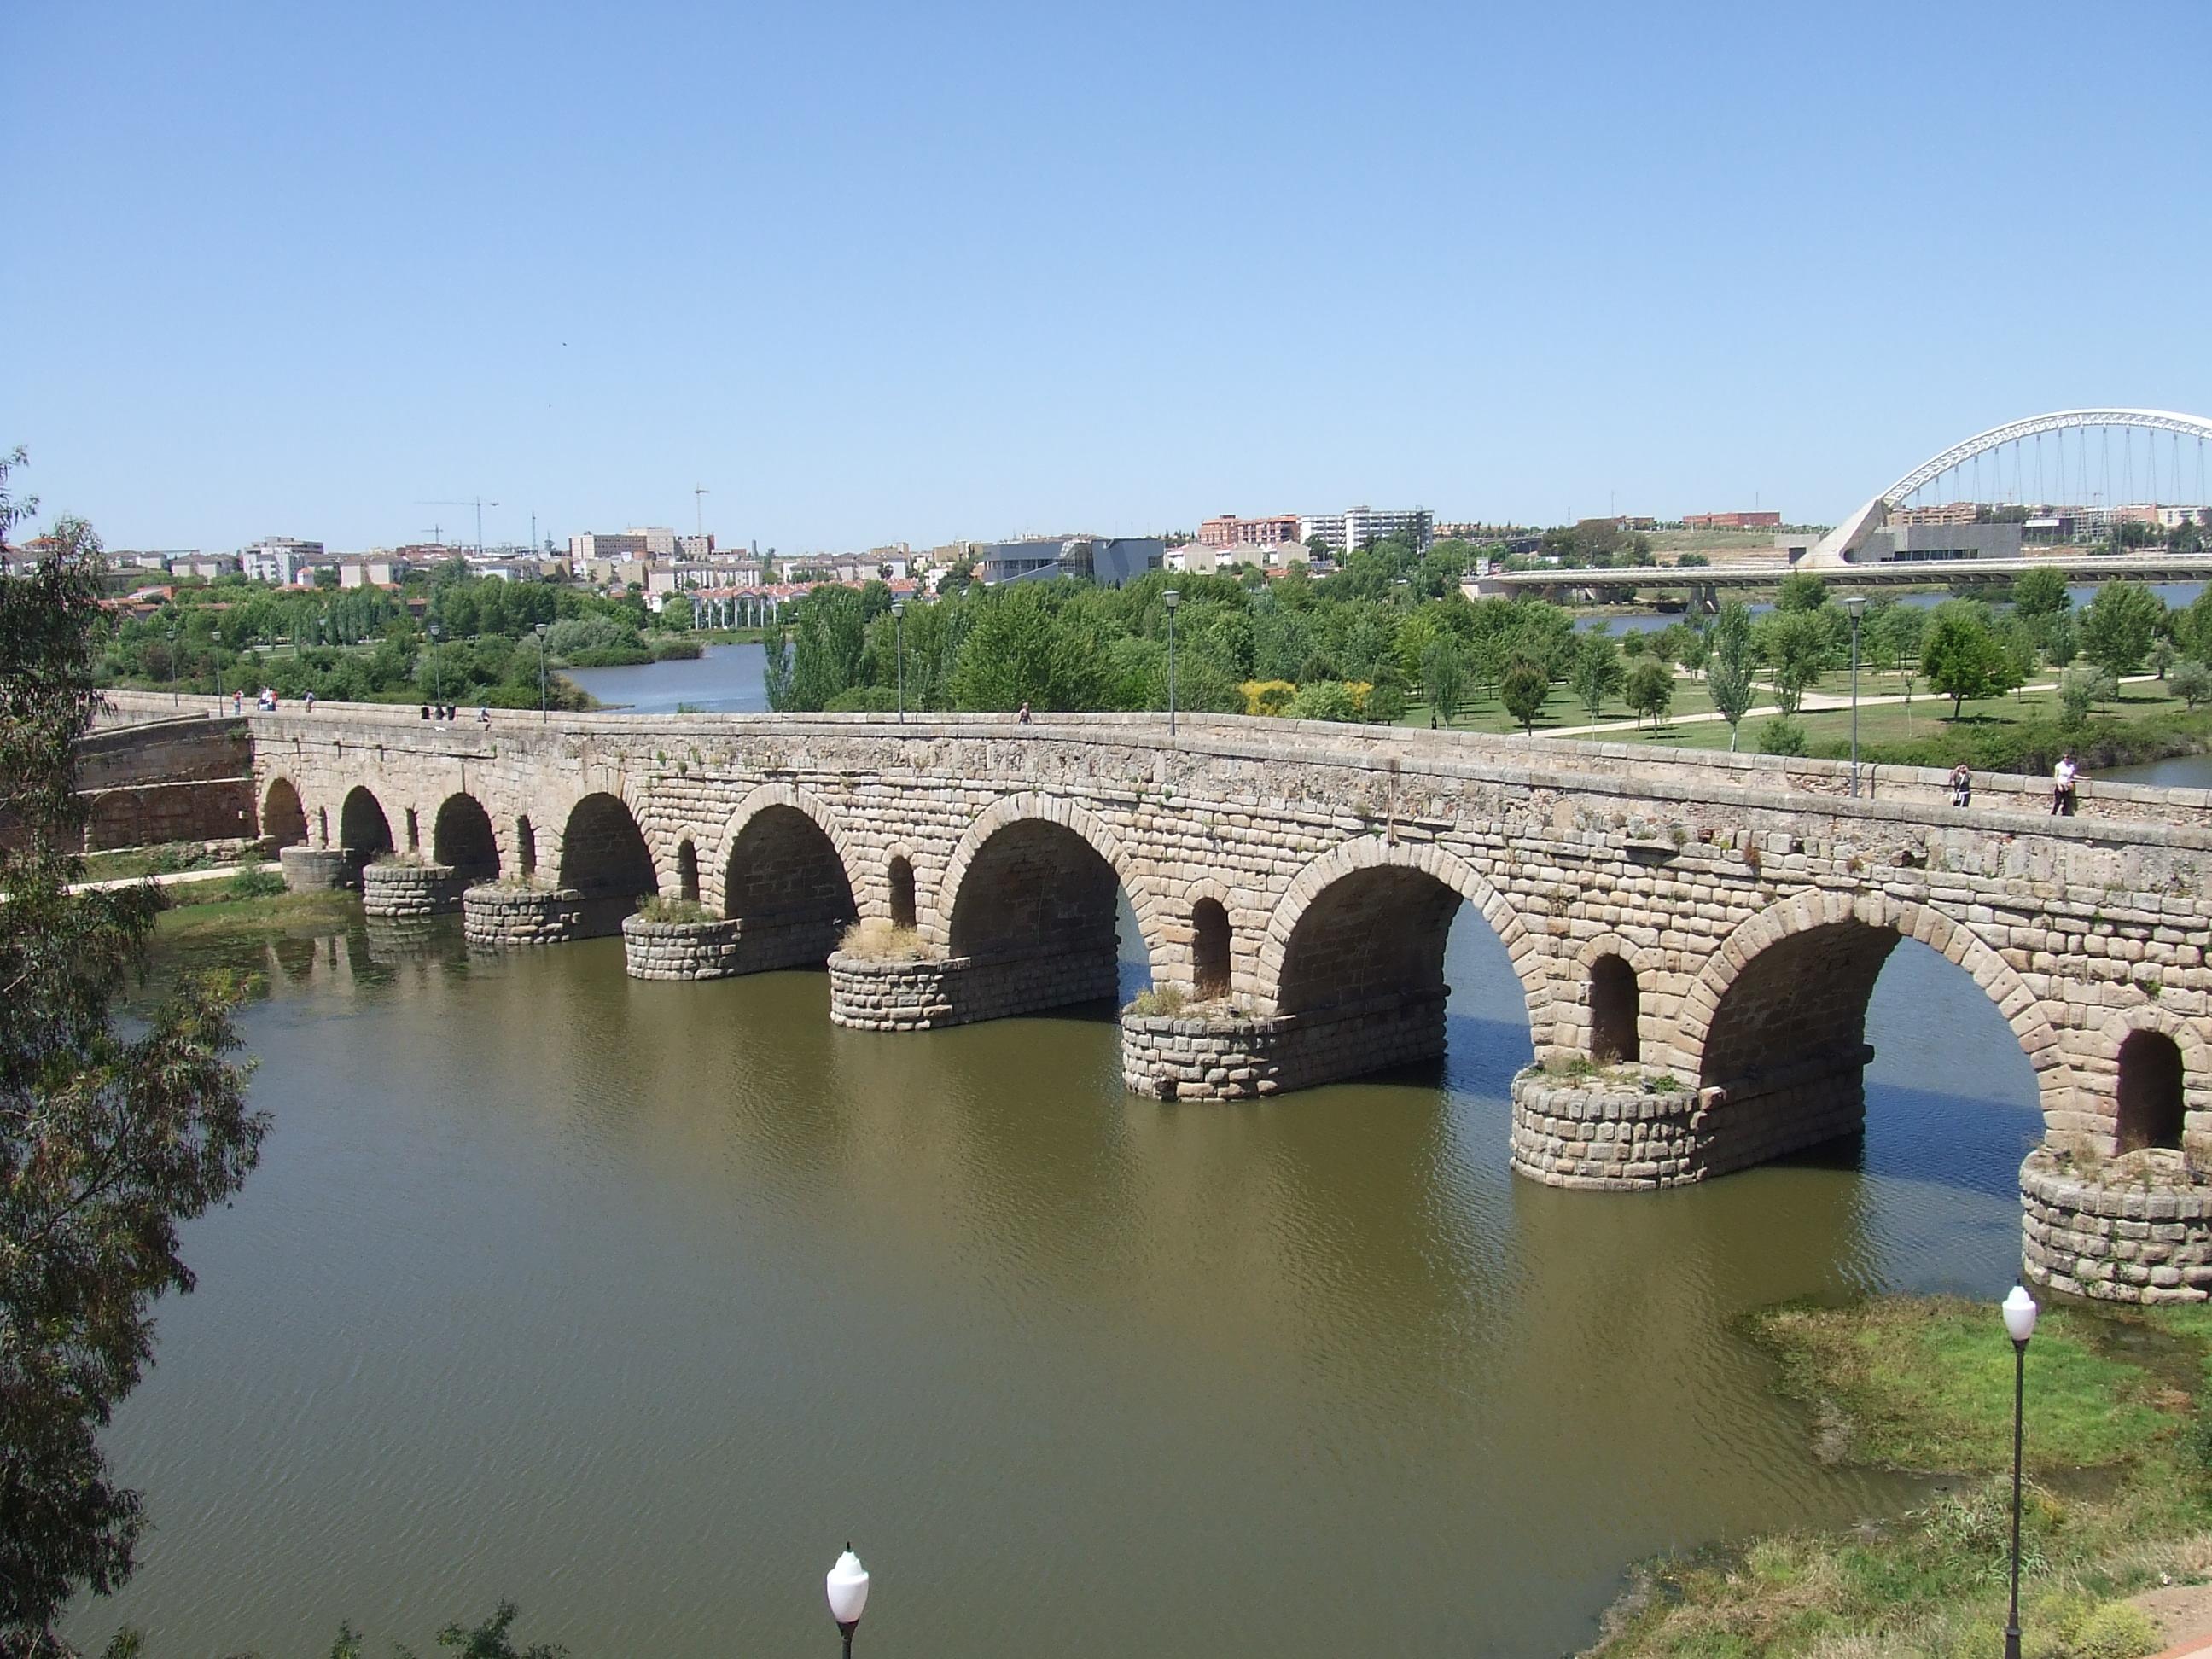 File:Puente Romano sobre el Río Guadiana, Mérida.JPG